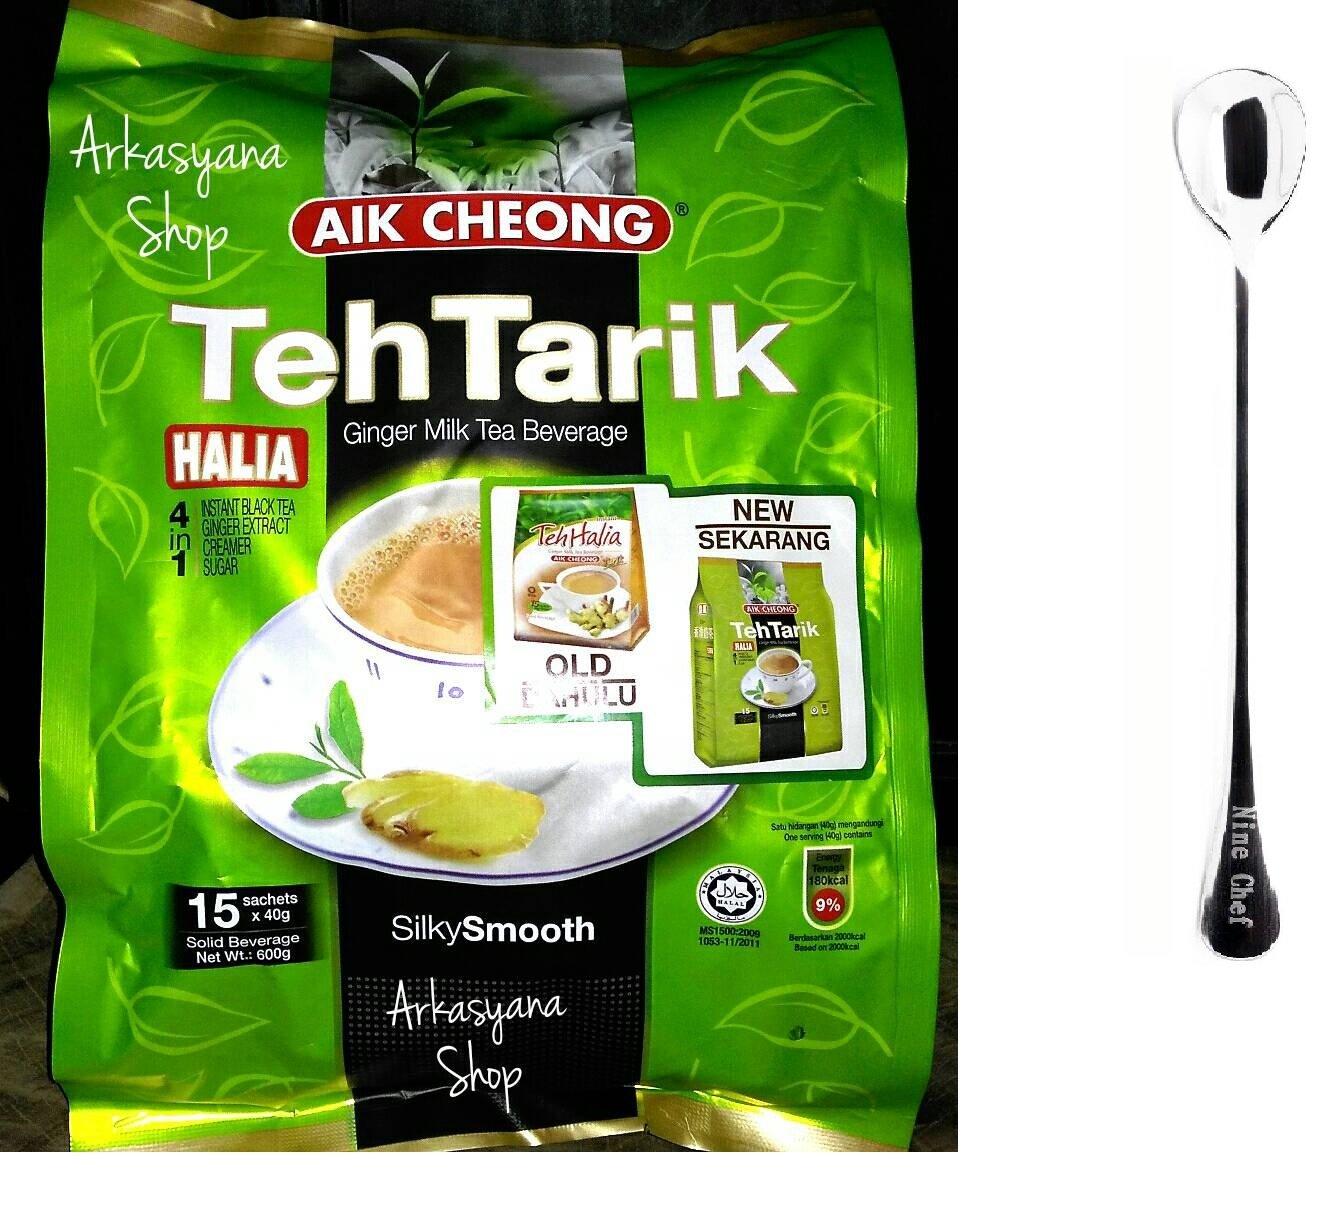 Aik Cheong Ginger 4in1 Teh Tarik Milk Tea Beverage (4 Pack)+ one NineChef Spoon